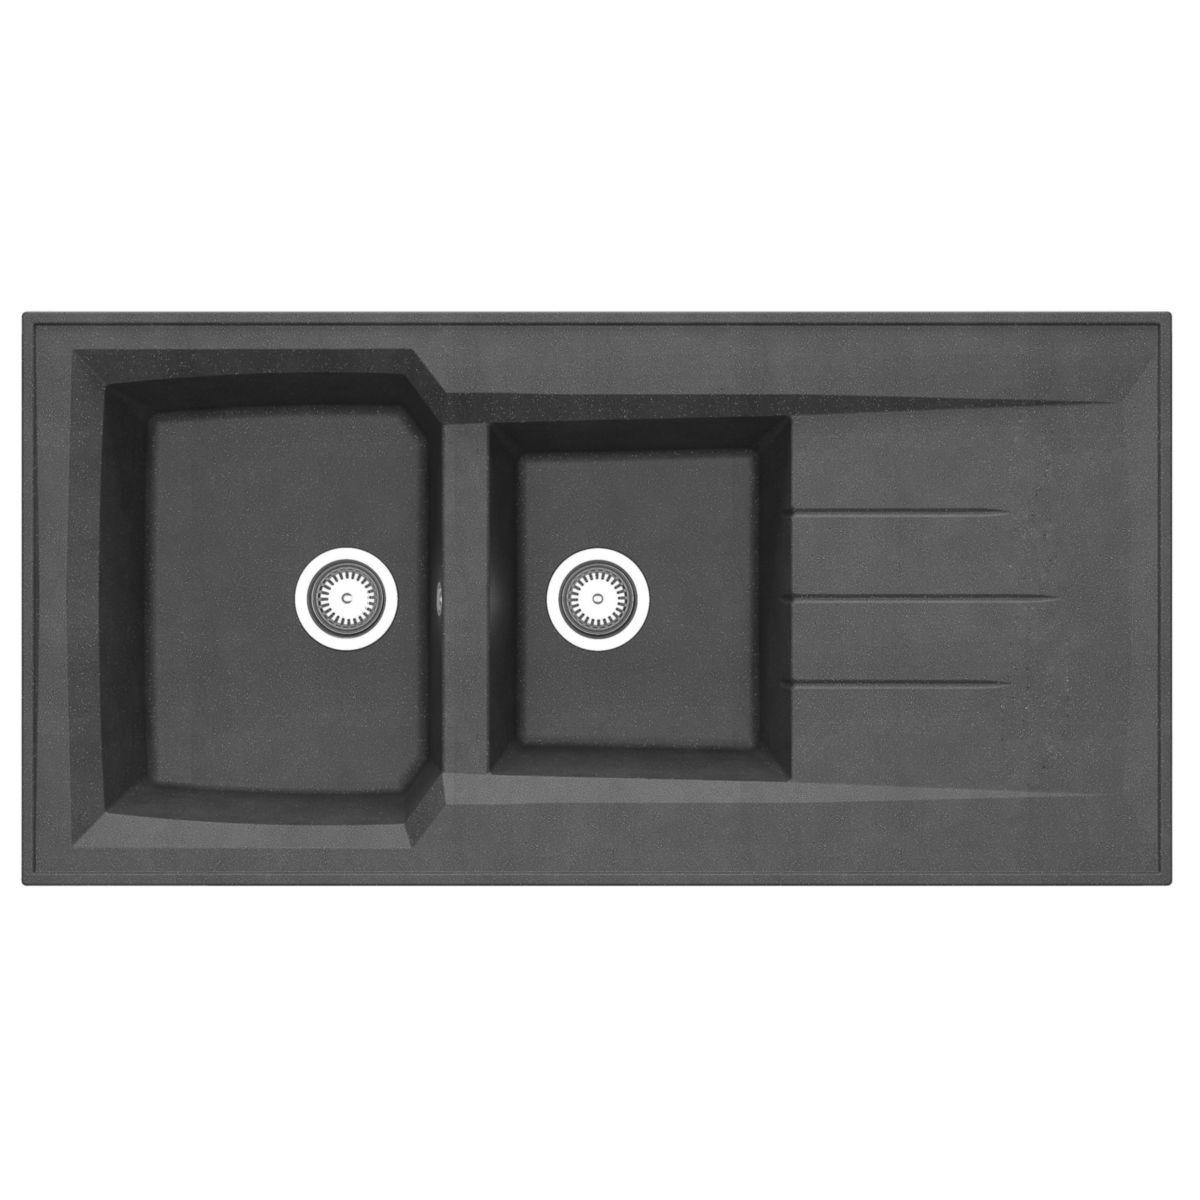 Evier à poser MONTREAL, en résine SMC colori noir pailleté 120x60 réf. EPBB120R06